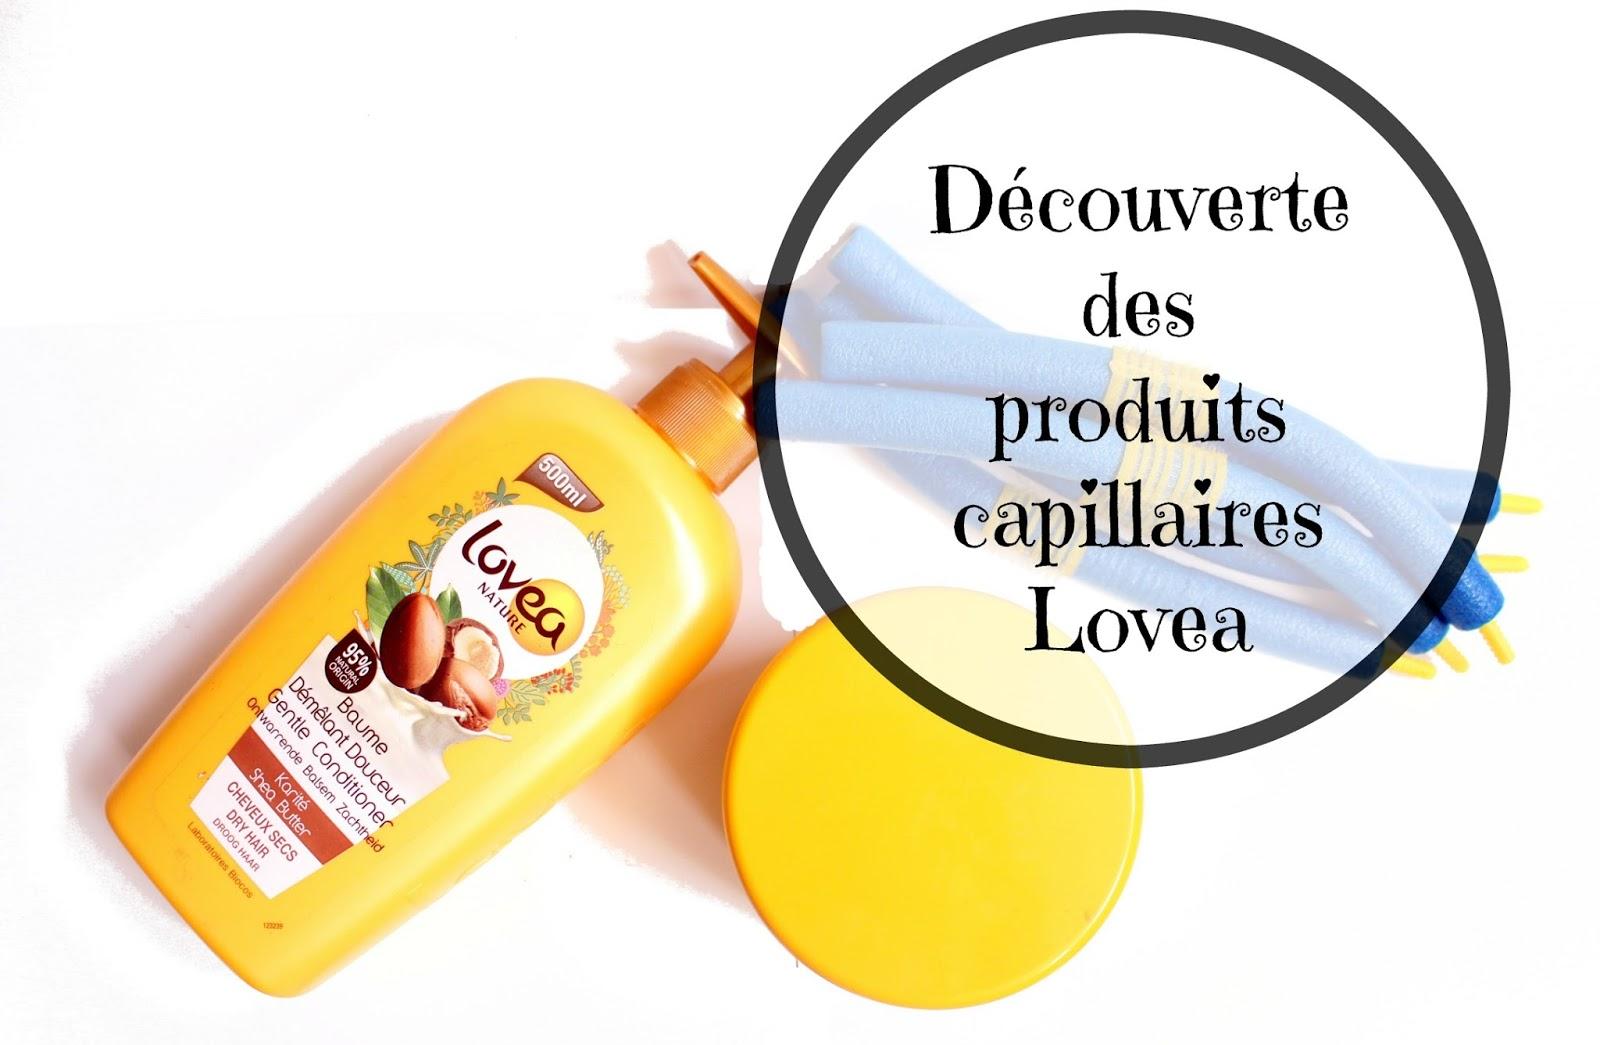 les produits capillaires de la marque Lovea